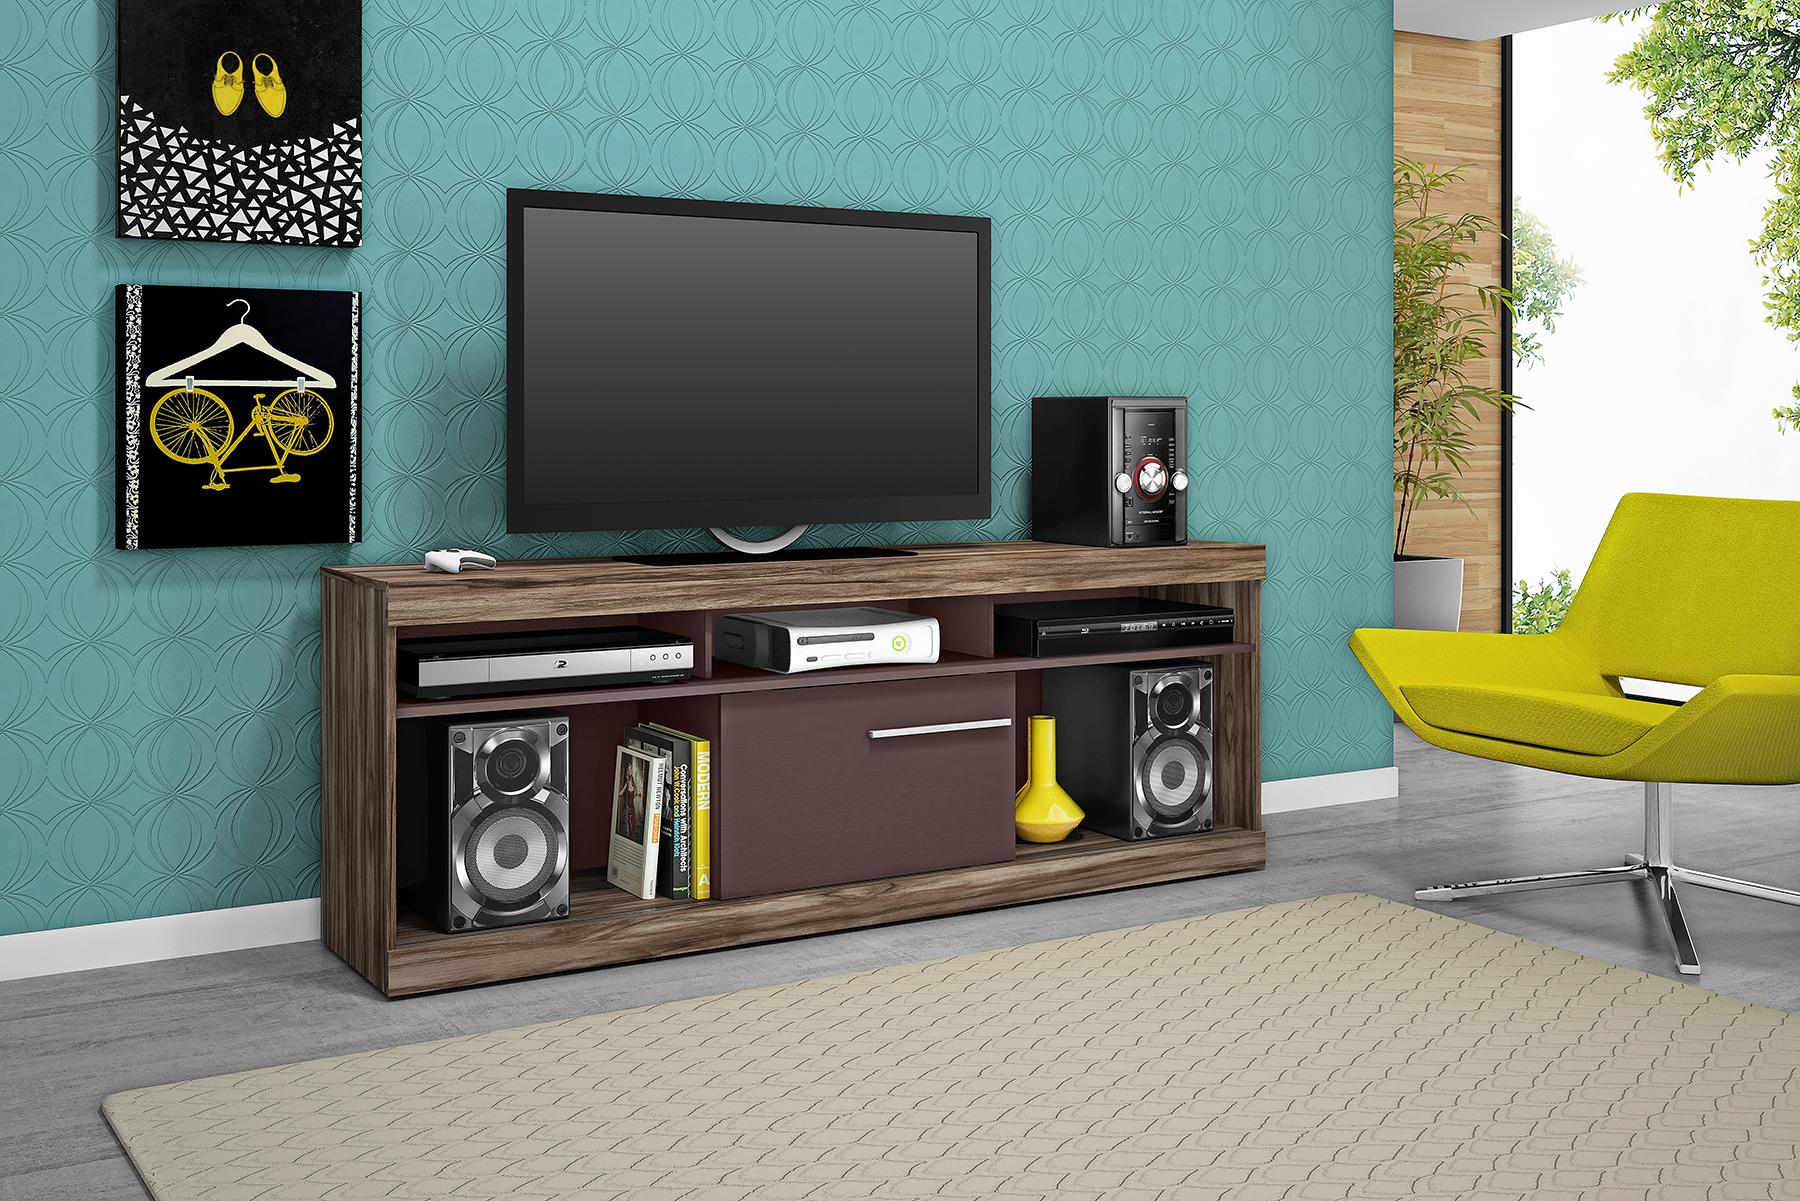 Muebles para tv y equipo de sonido mueble para tv plasma for Modelos de muebles para televisor